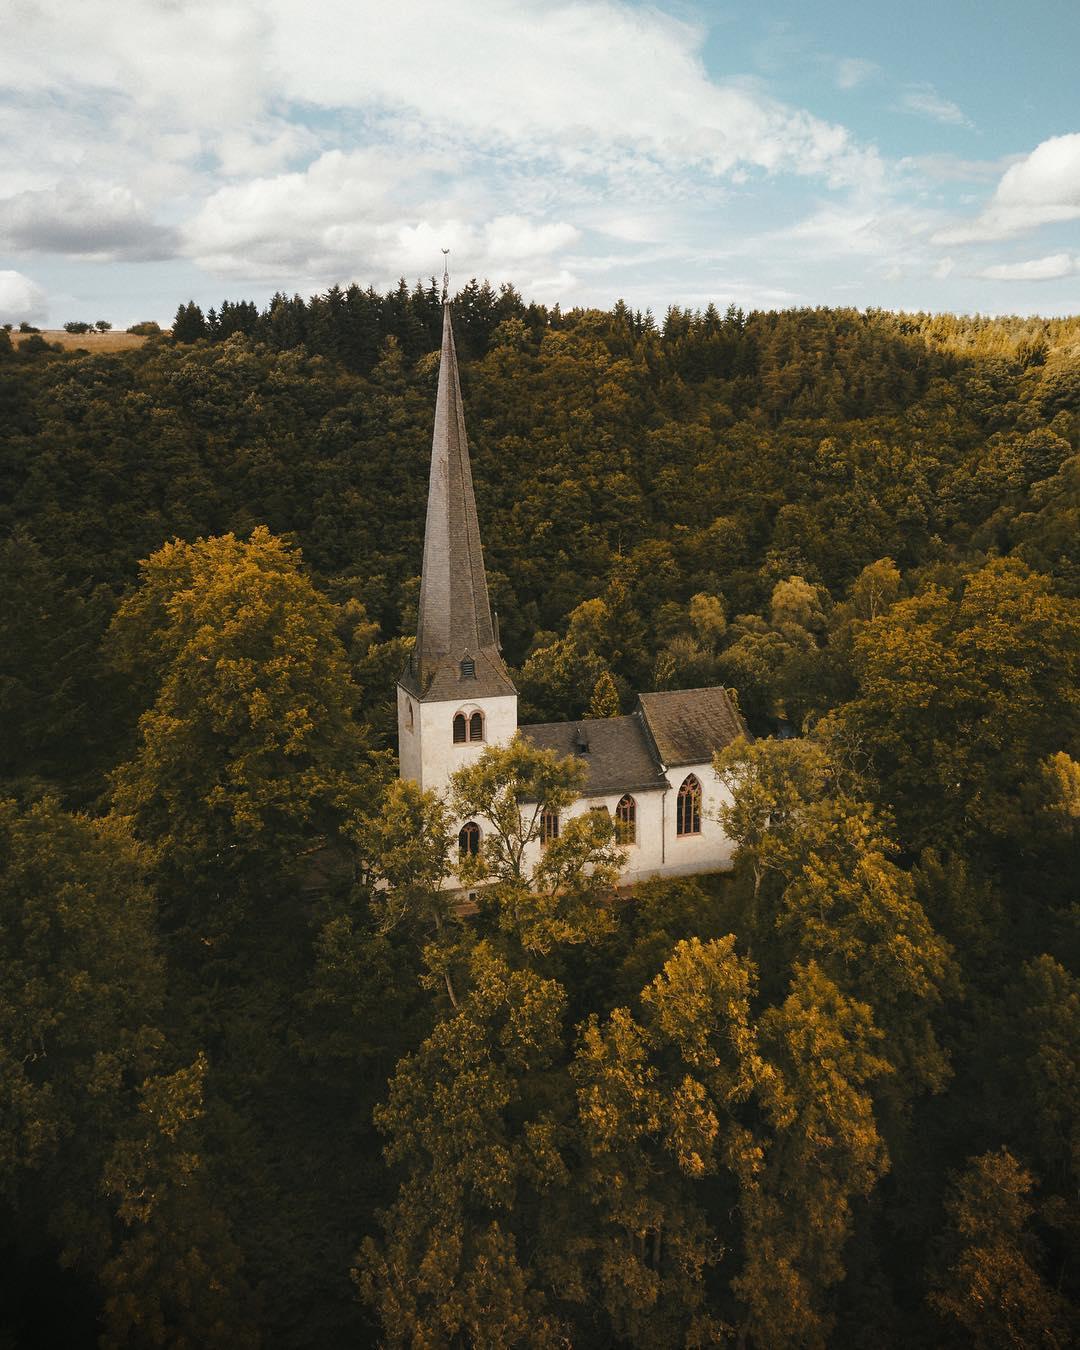 Потрясающие фотографии с высоты от Boyan Ortse